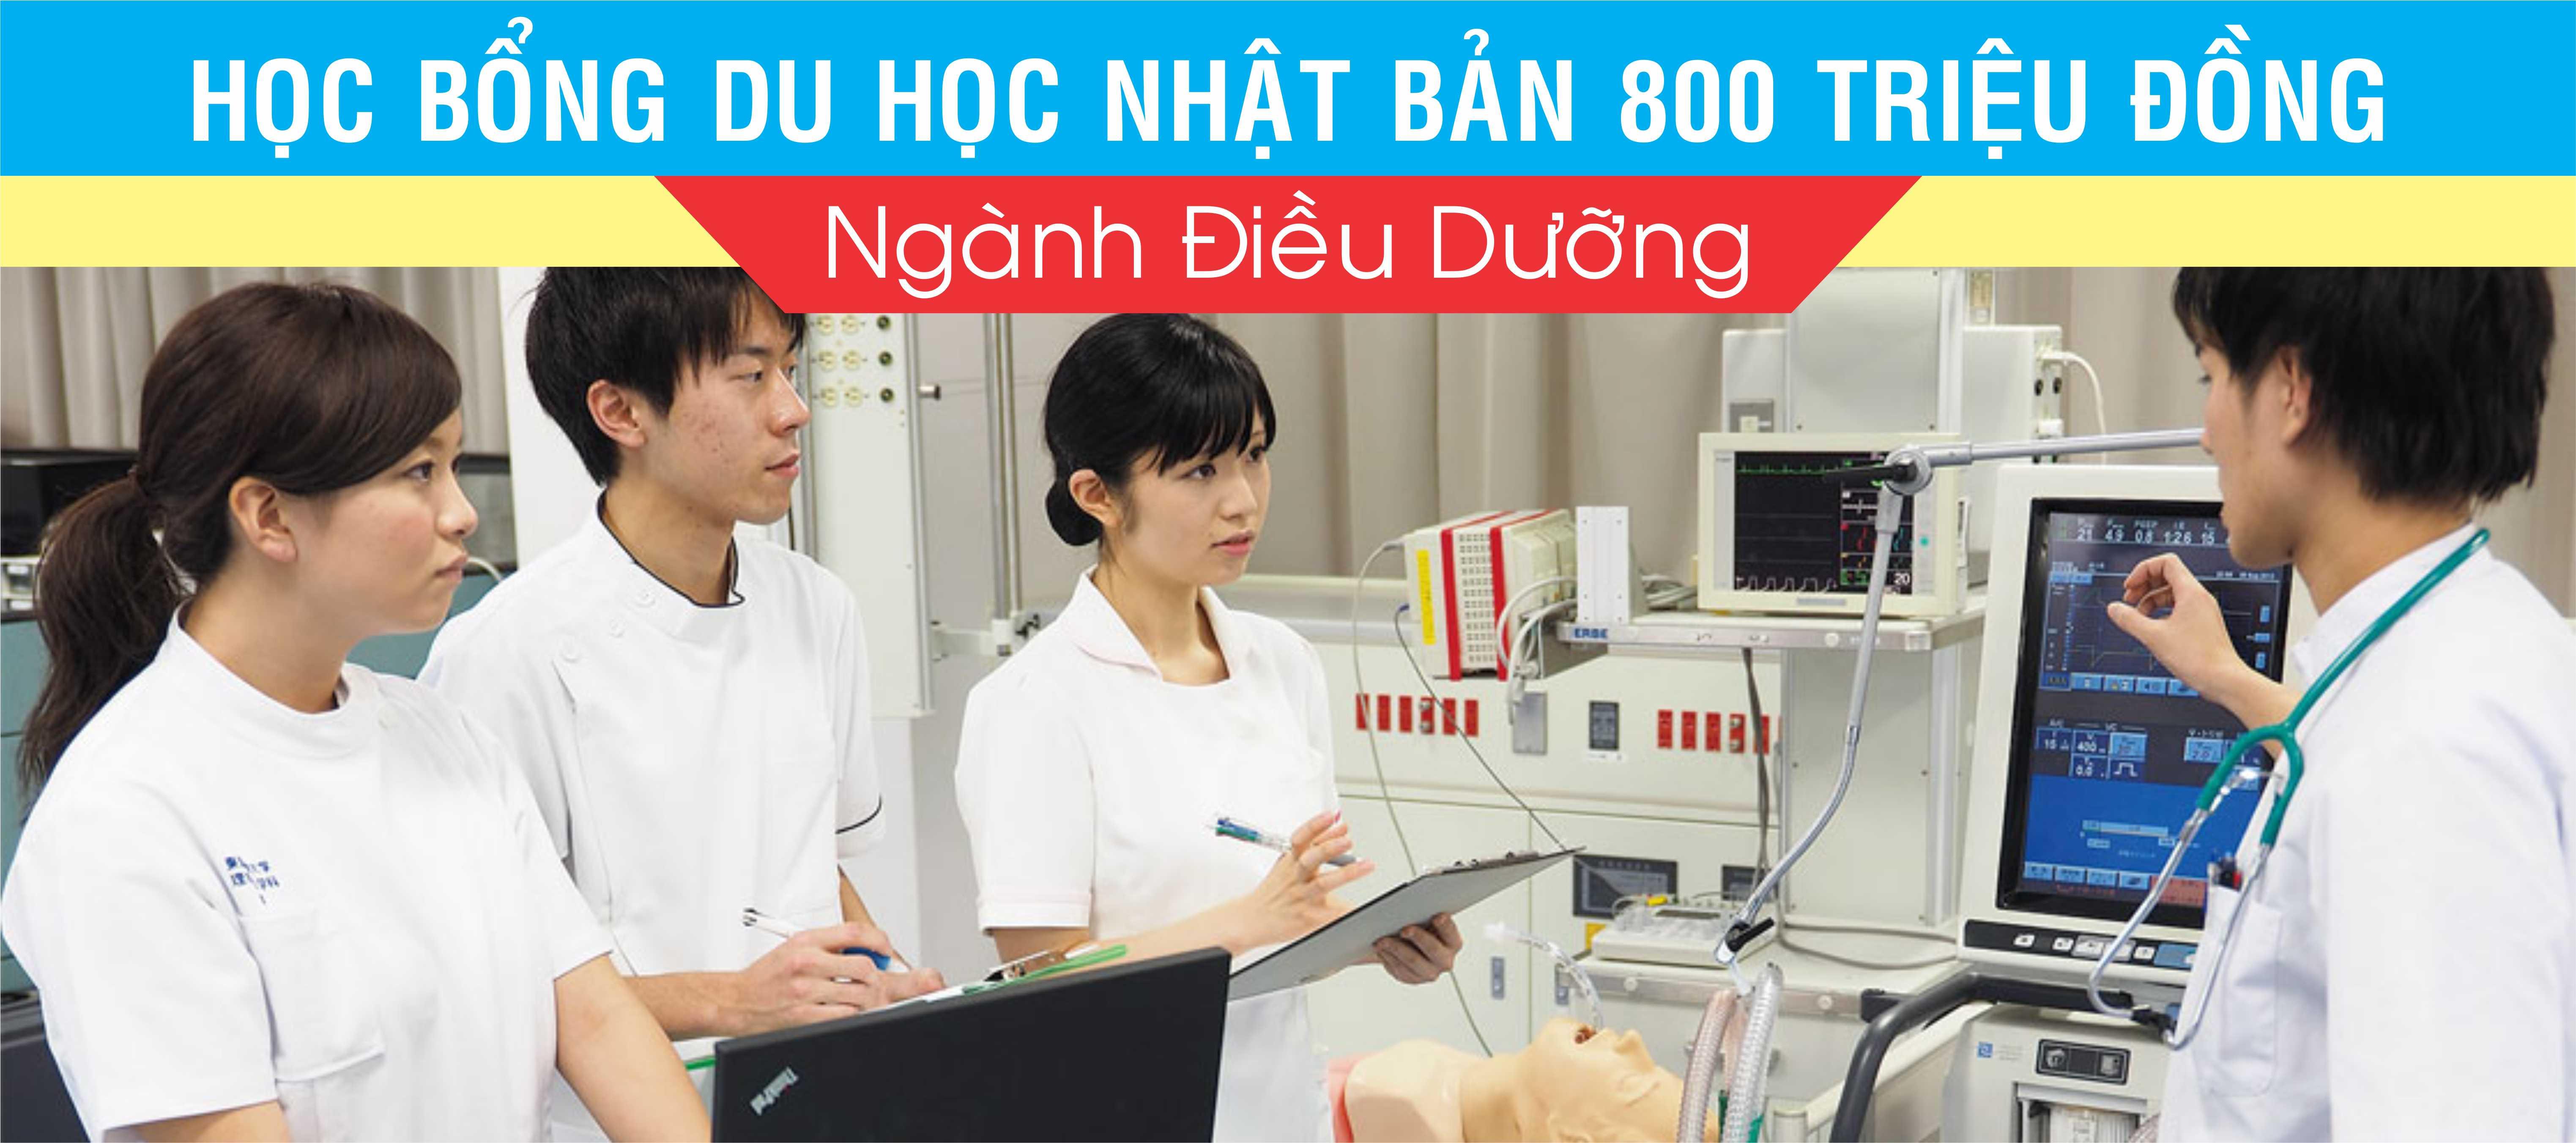 hoc-bong-dieu-duong-800-trieu